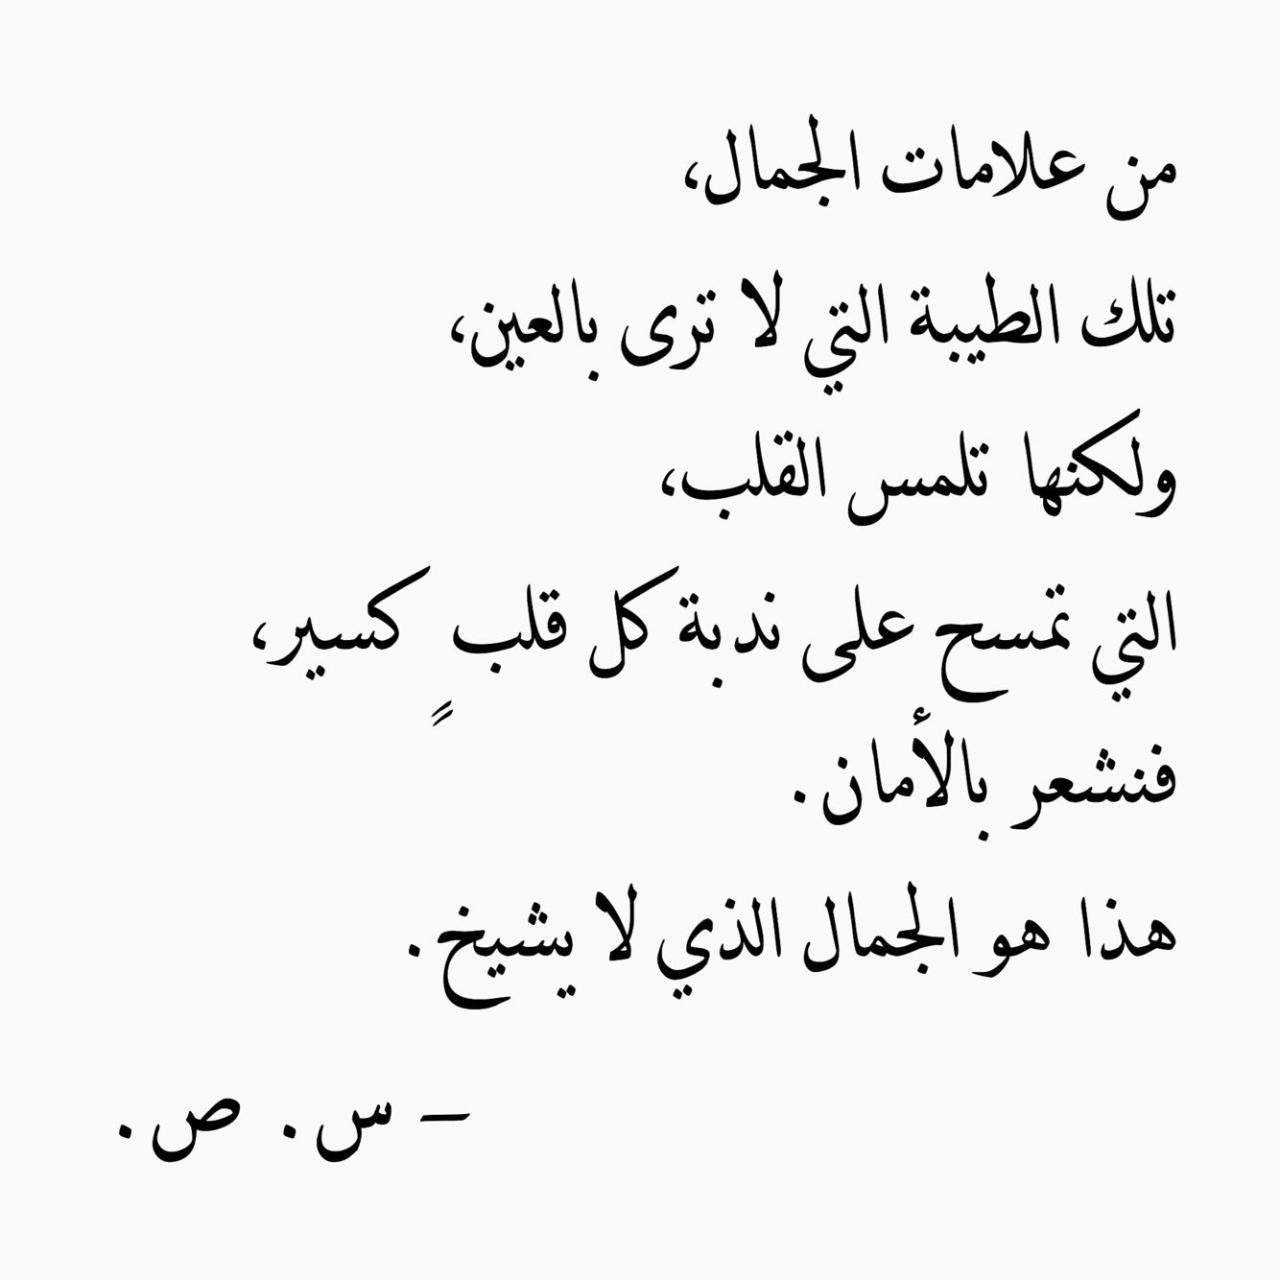 خواطر صفاء القلوب من أجمل ما قرأت كلمات نابعة من القلب